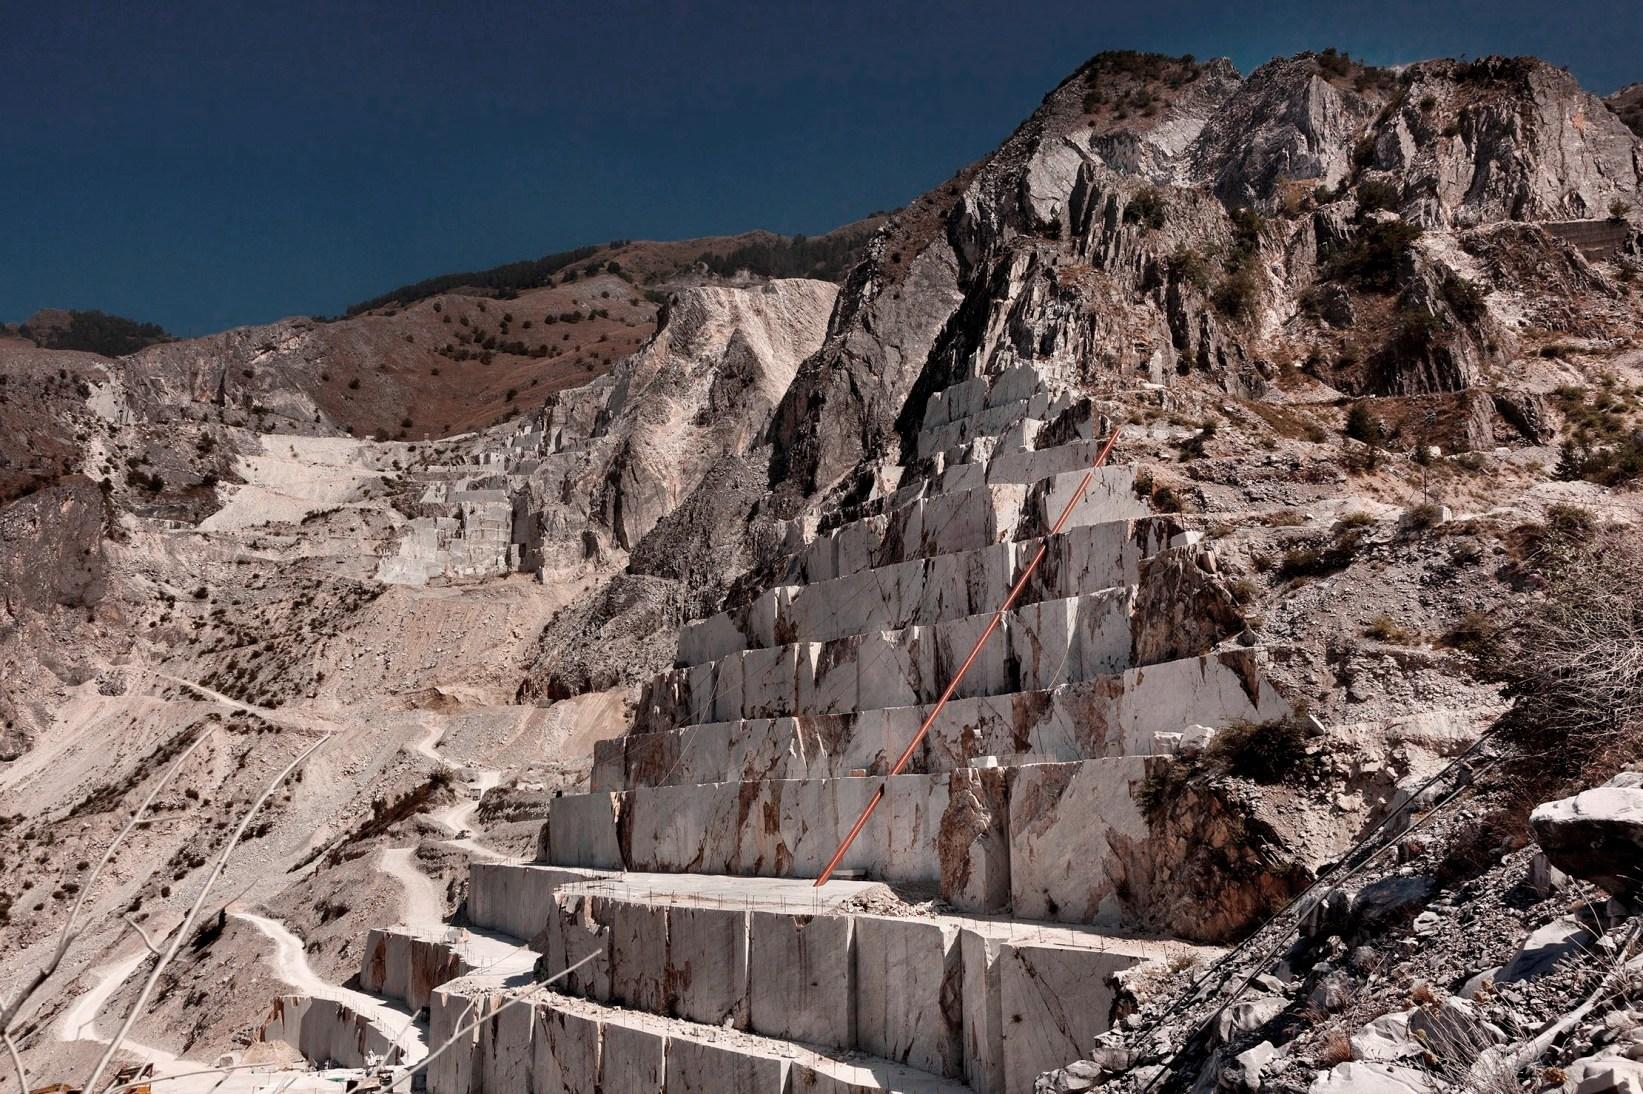 Illusione di Alberto Timossi, 2015 - Cave Michelangelo, Carrara - foto di Claudio Abate